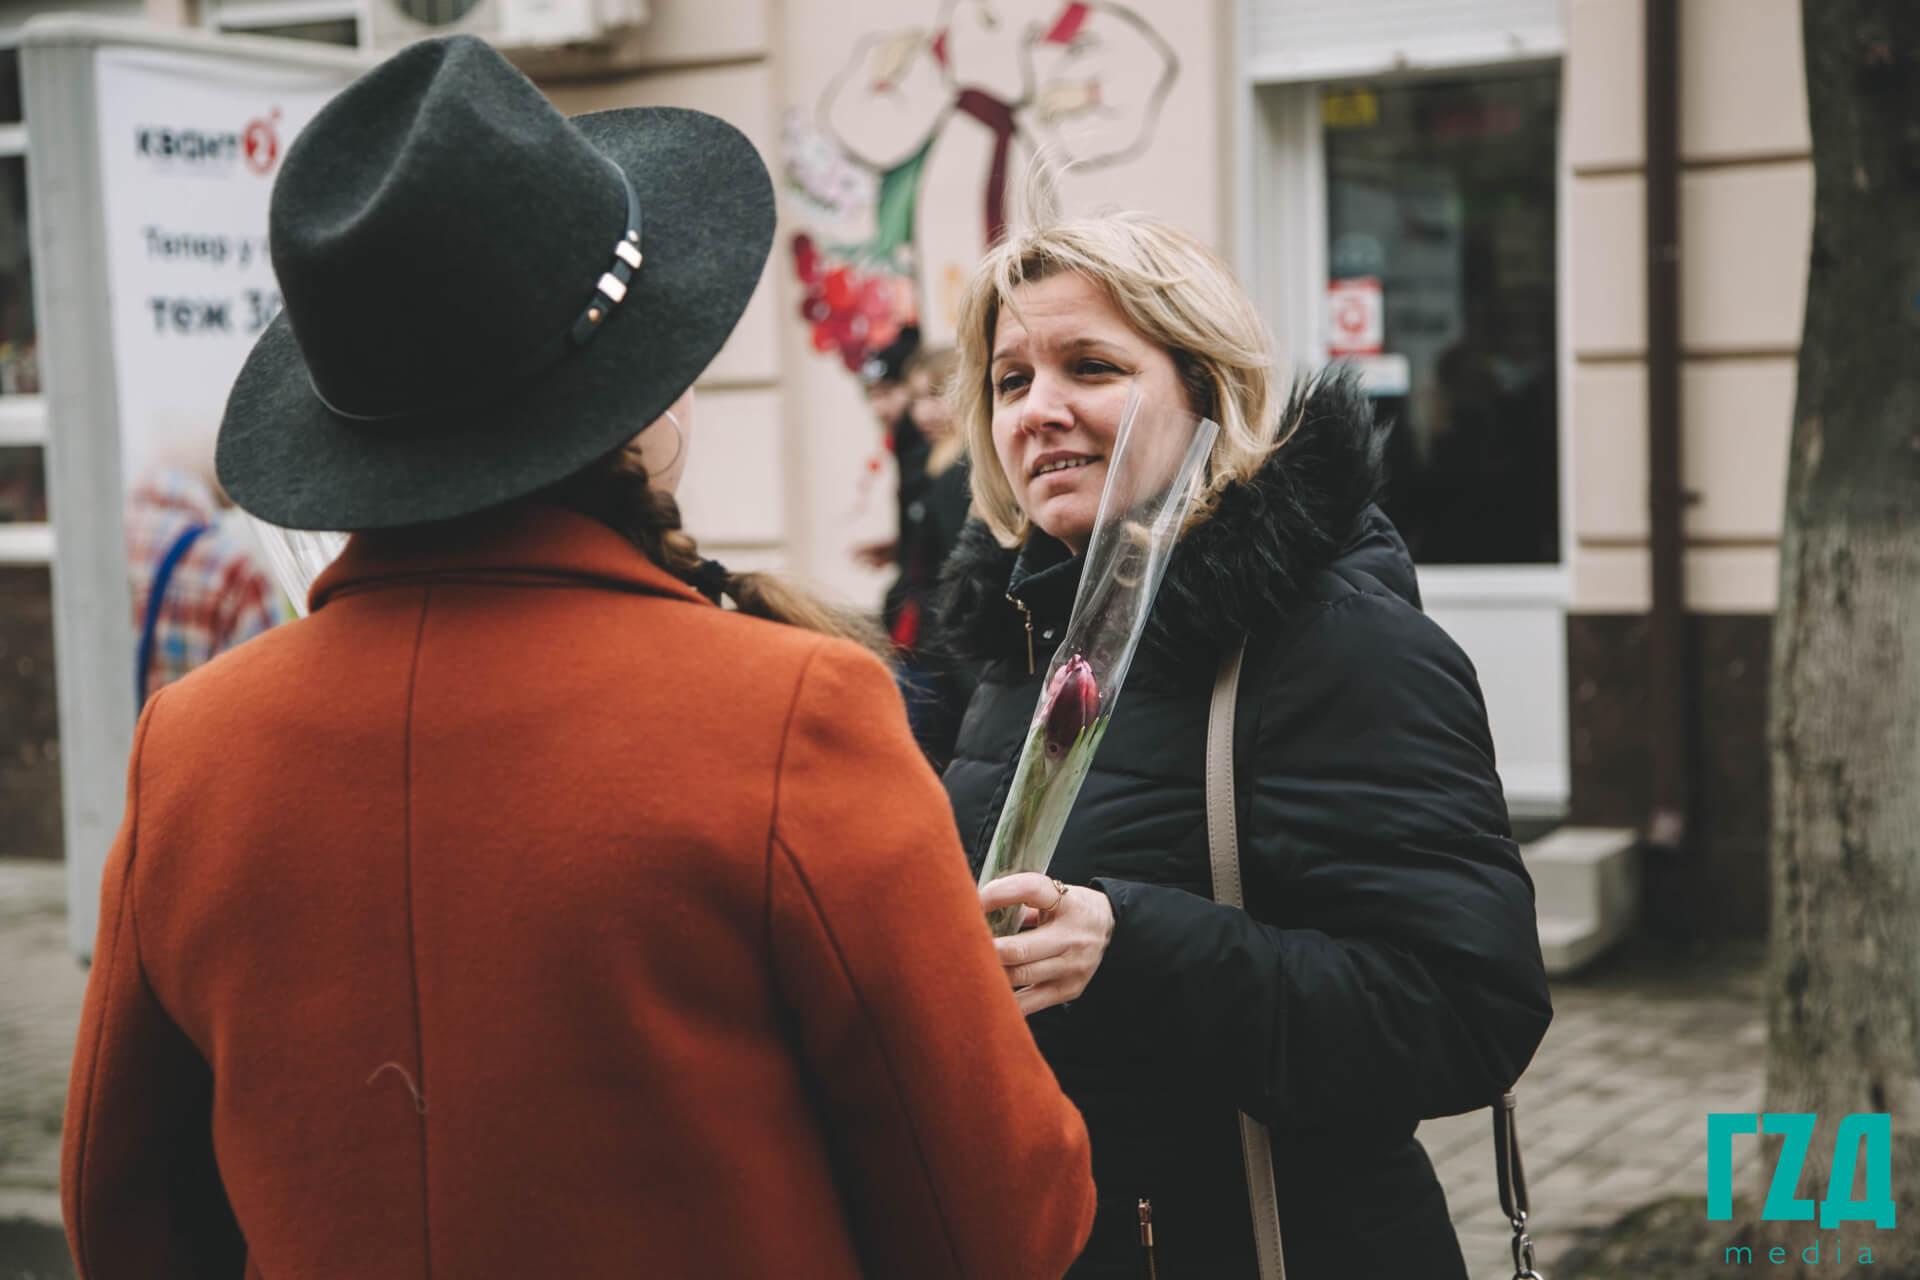 Чи приймають жінки вітання 8 березня